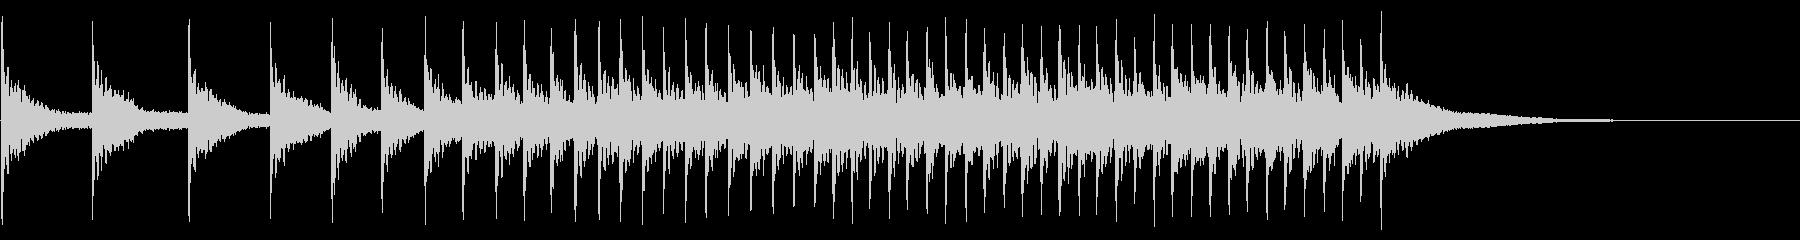 ティンパニ:ハードアクセラレーショ...の未再生の波形